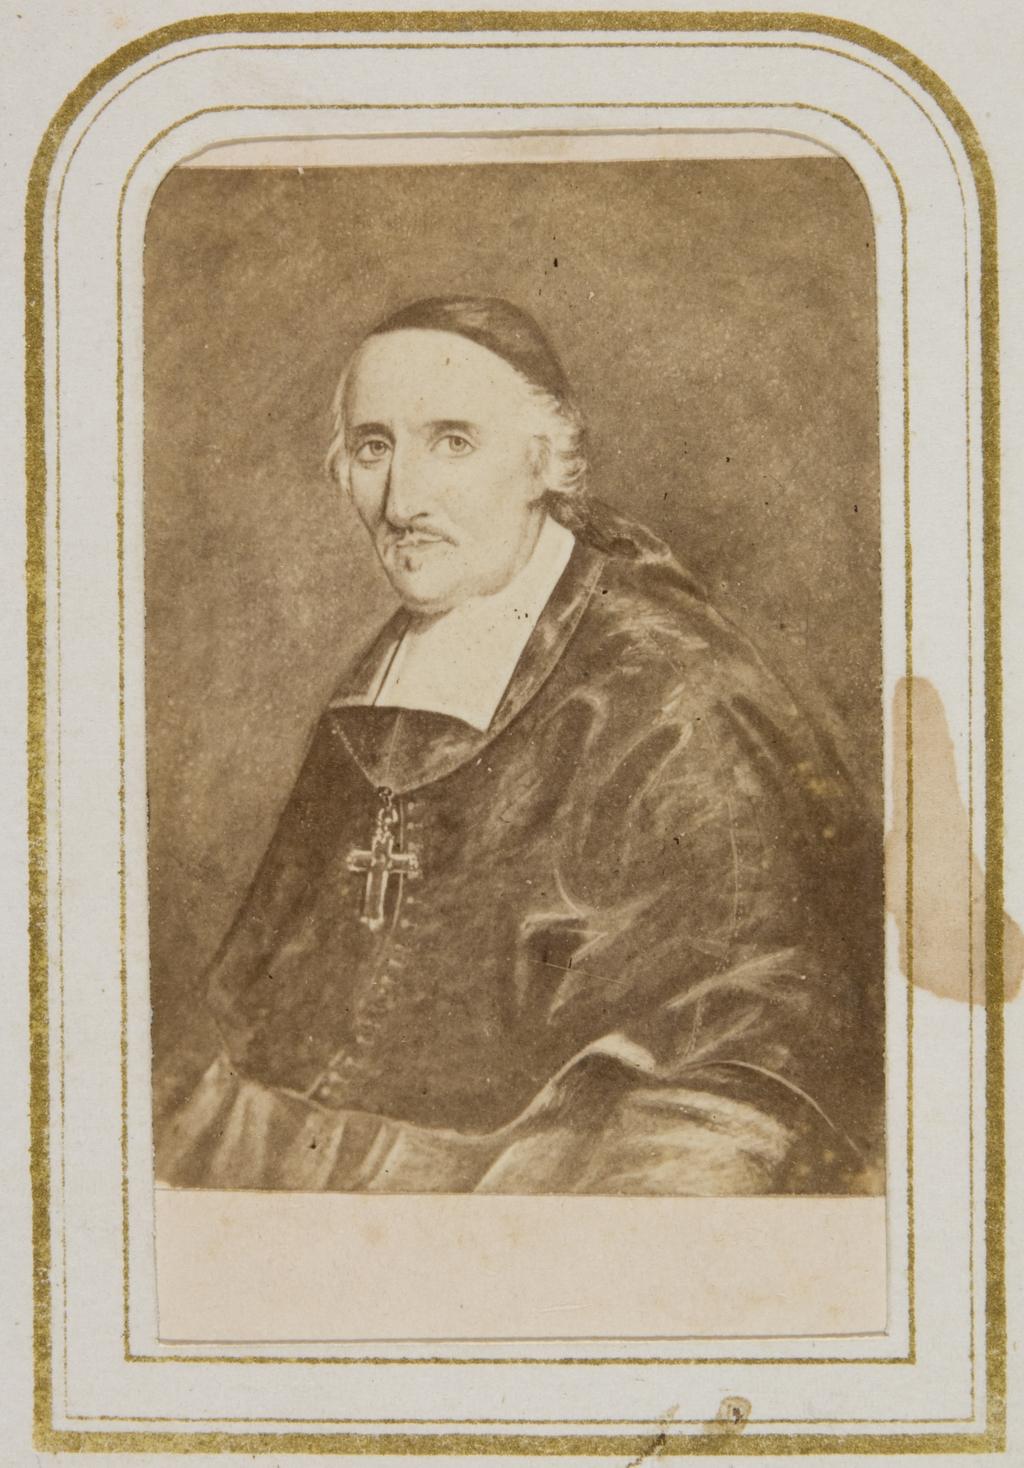 Monseigneur François de Montmorency Laval. Photographie d'un tableau, de l'album Évêques, gouverneurs et hommes politiques du Québec